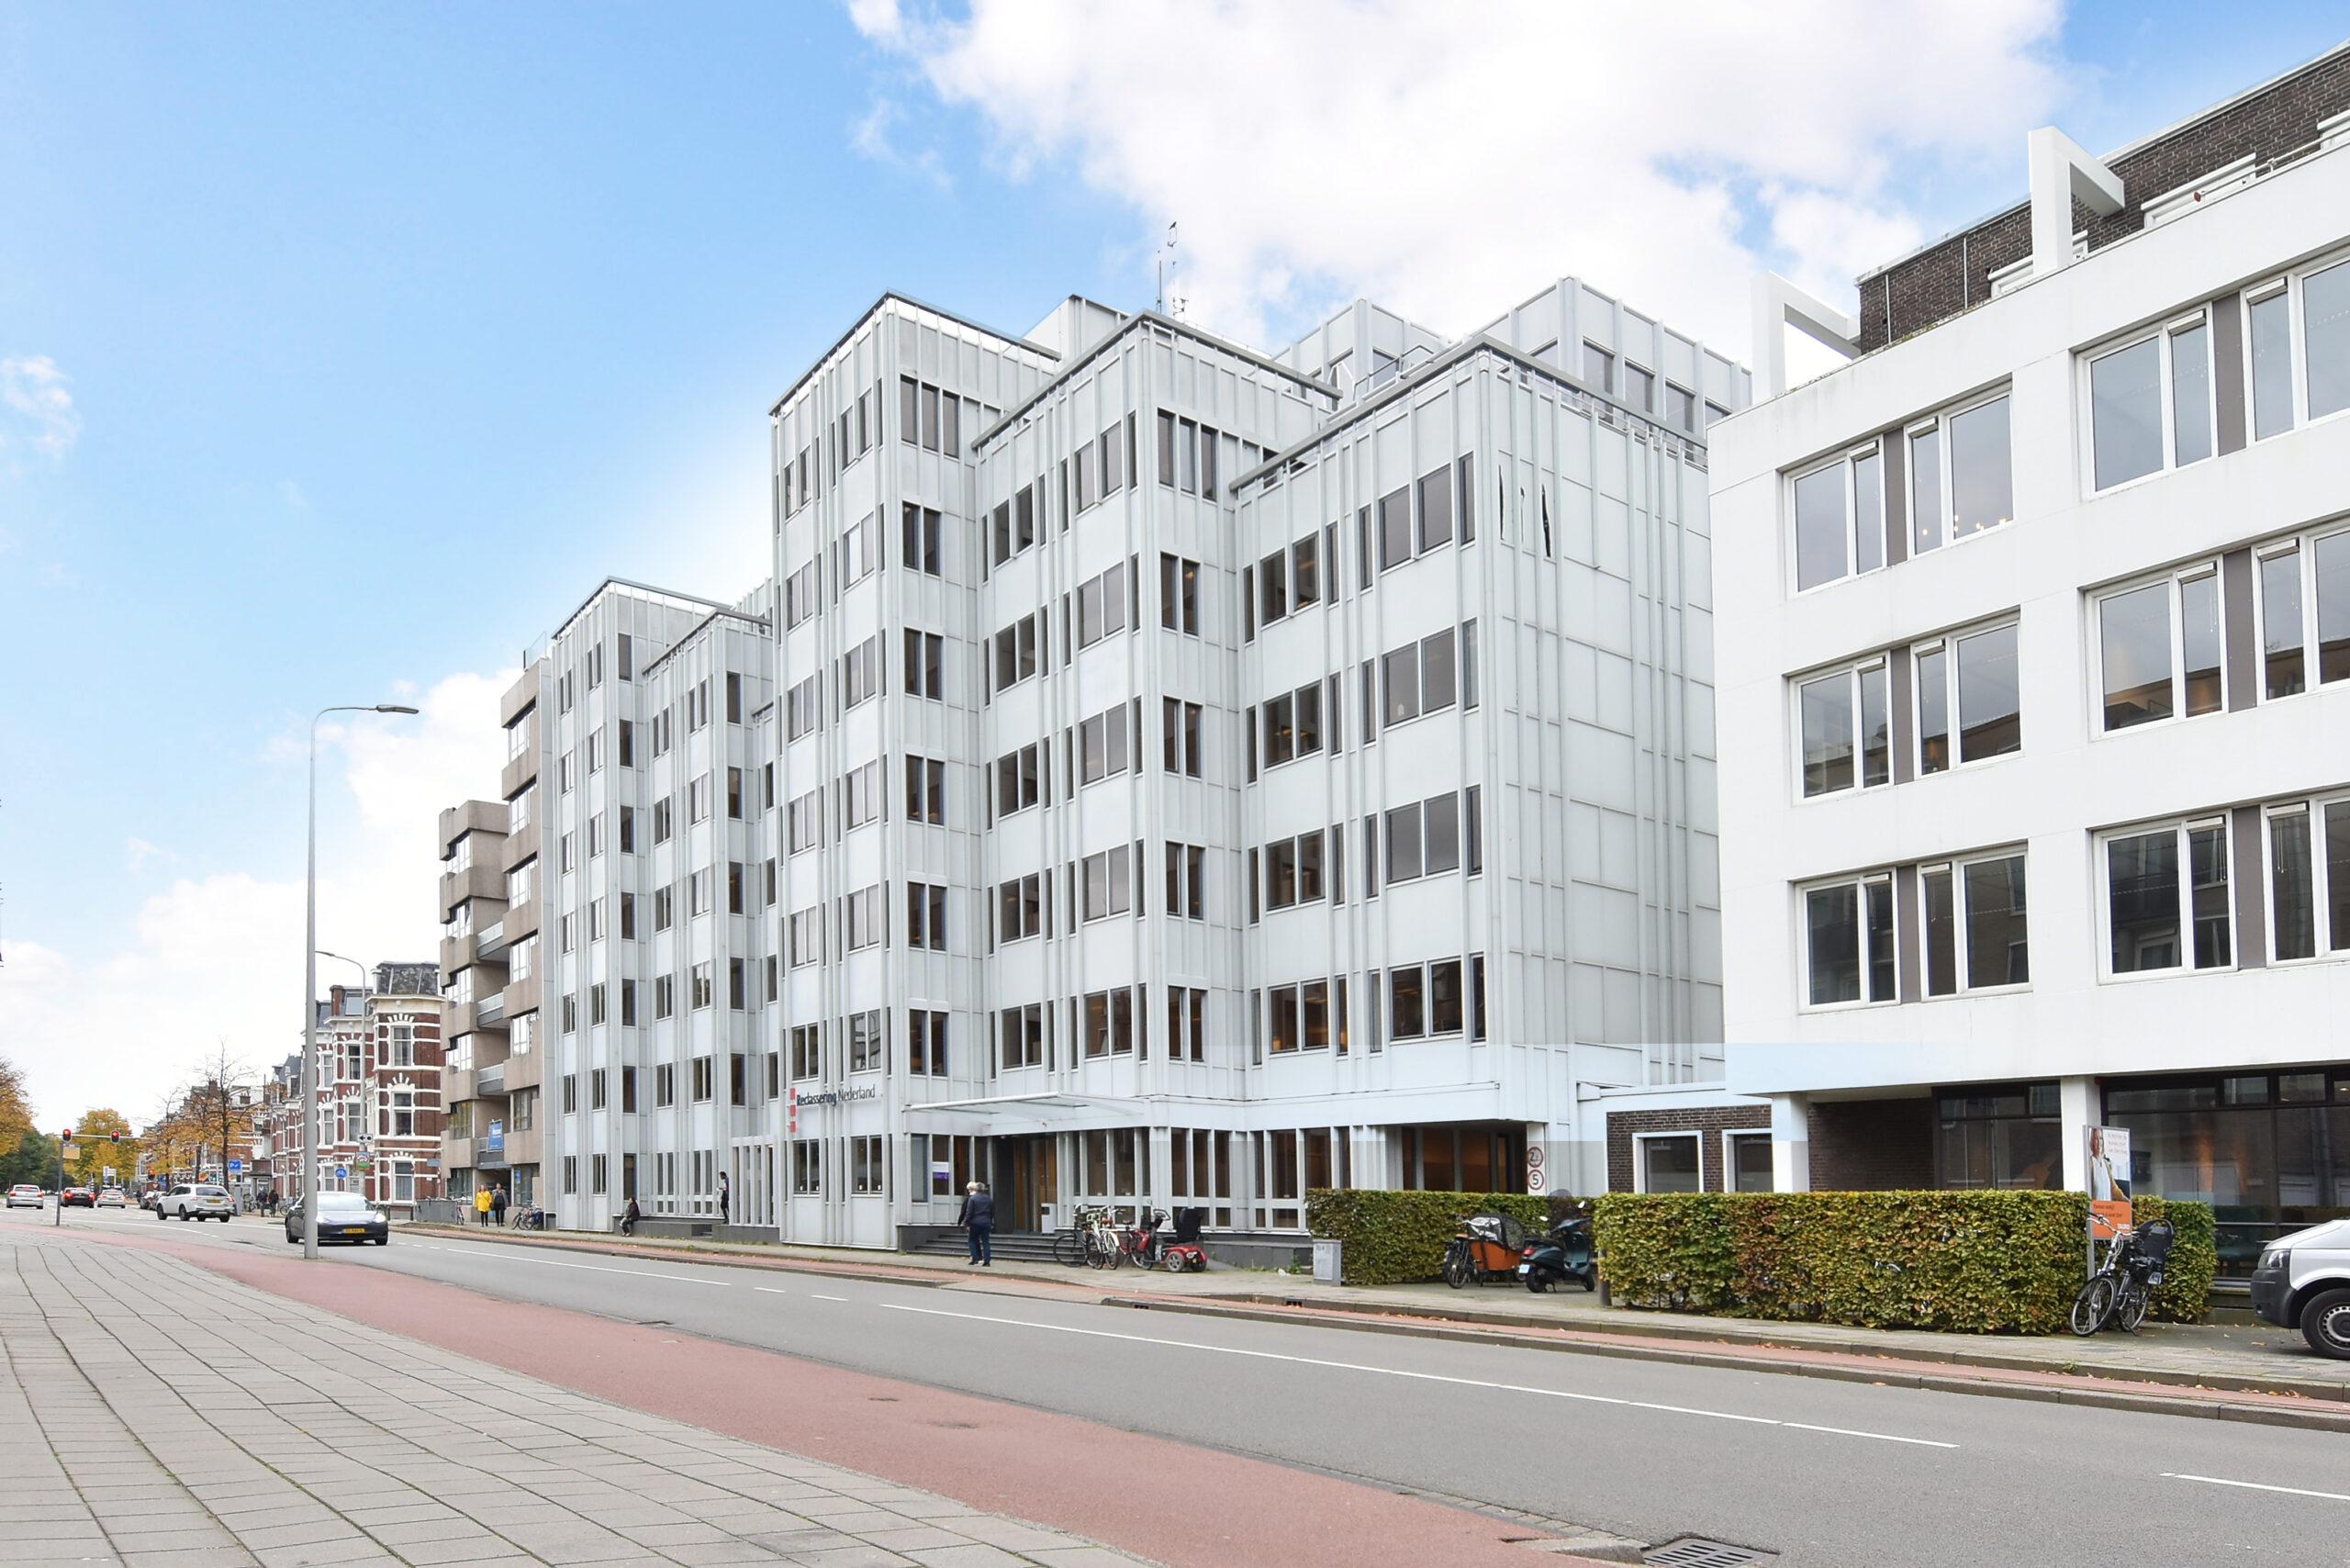 Bezuidenhoutseweg C.V. verhuurt circa 461 m² kantoorruimte in Den Haag